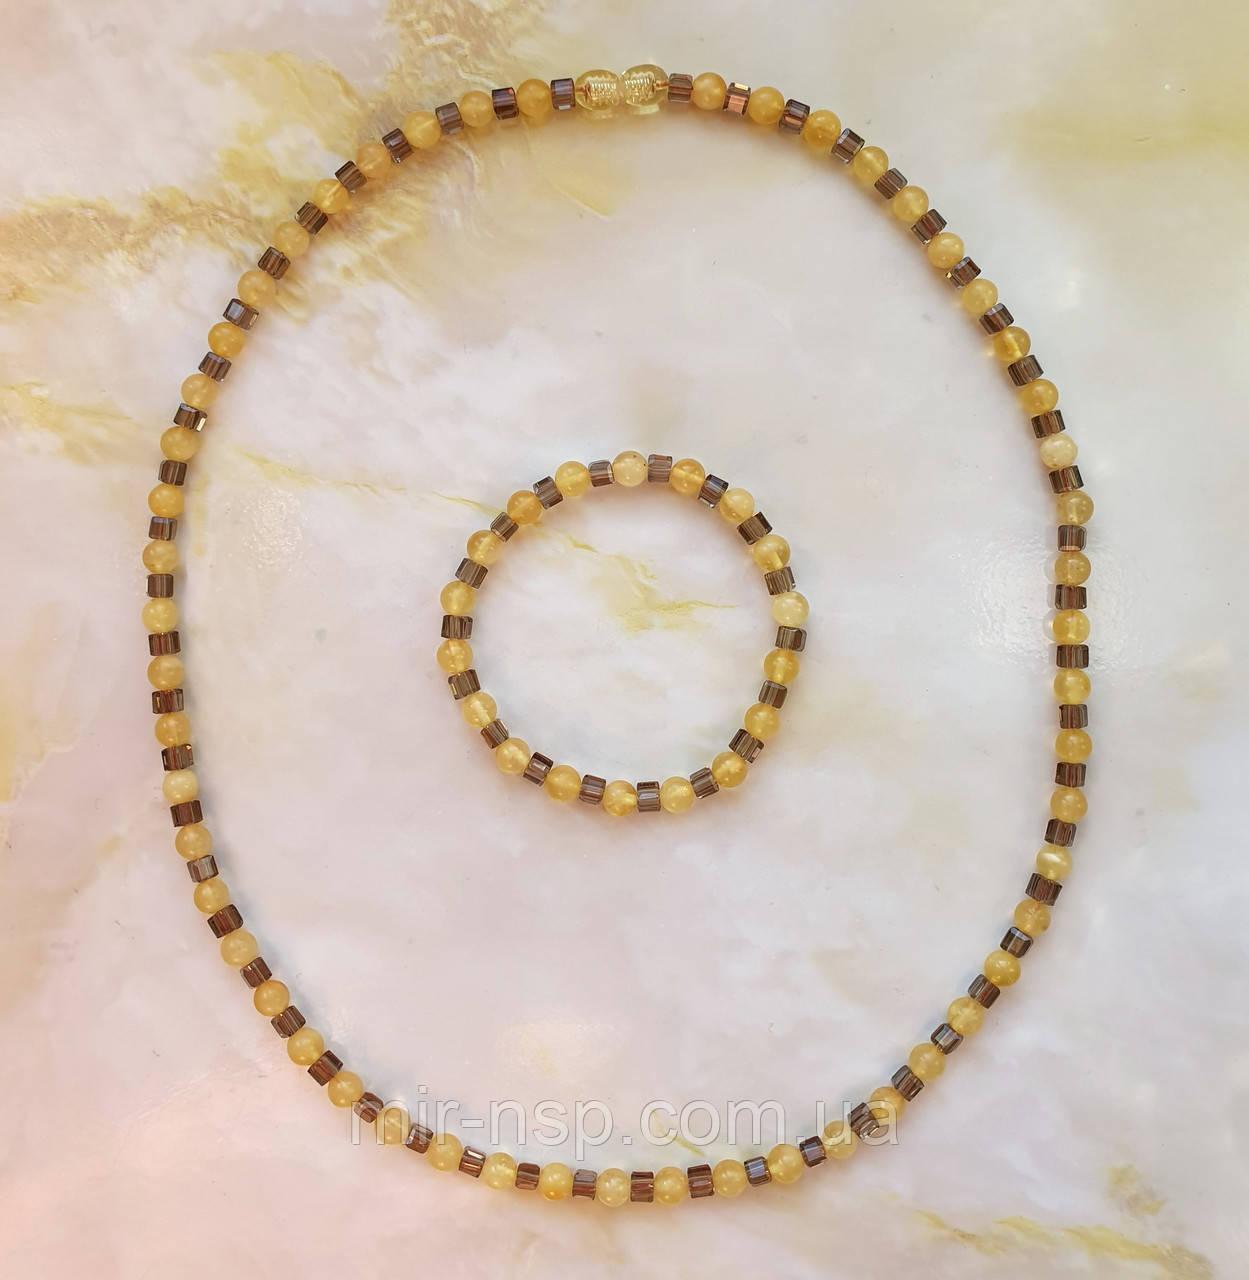 Бусы и браслет 100% натуральный янтарь и чешское стекло вес 20,2г